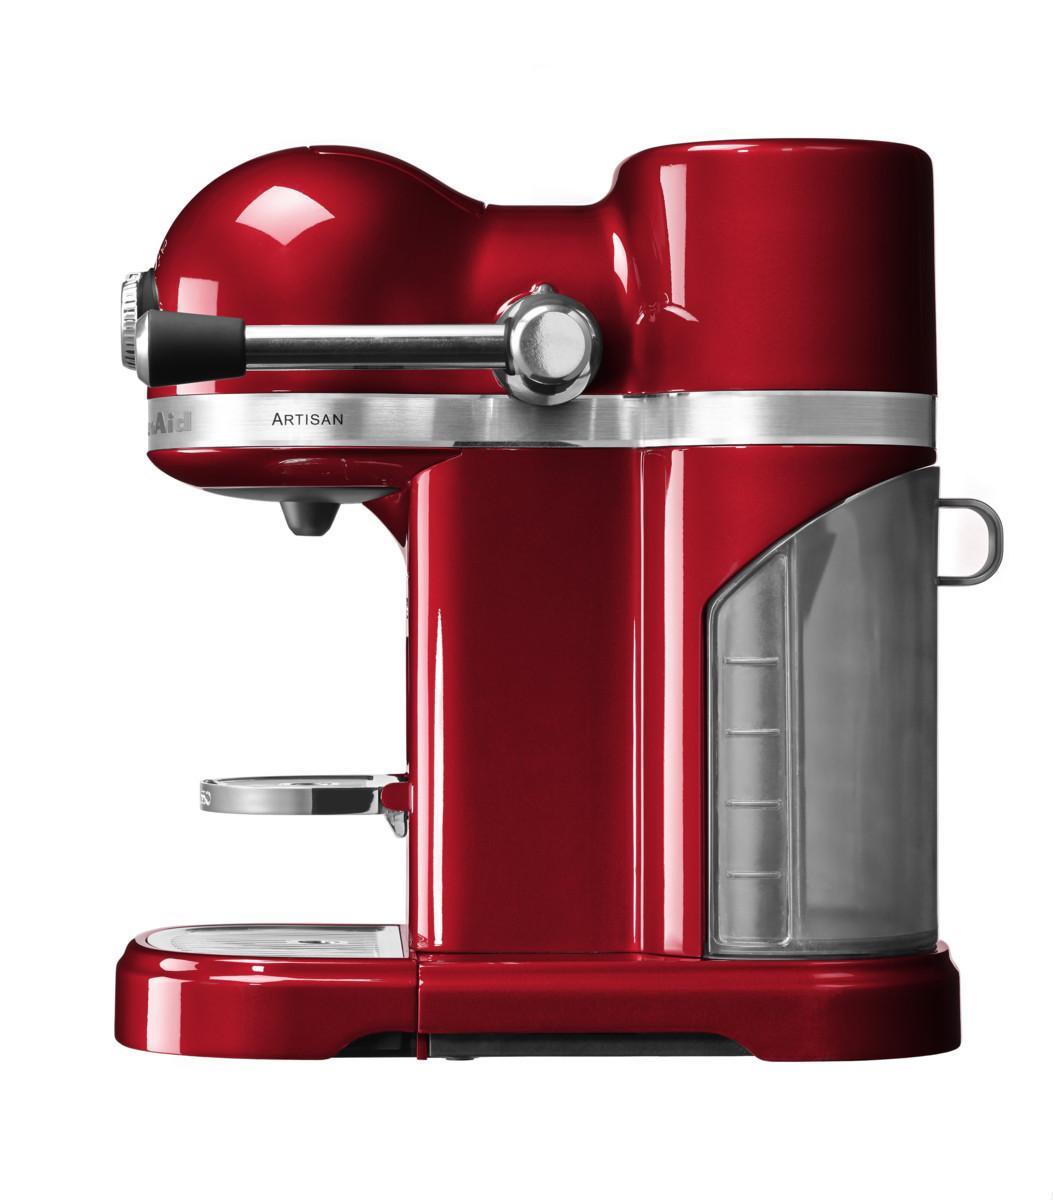 Kitchenaid Artisan Nespresso European Consumers Choice